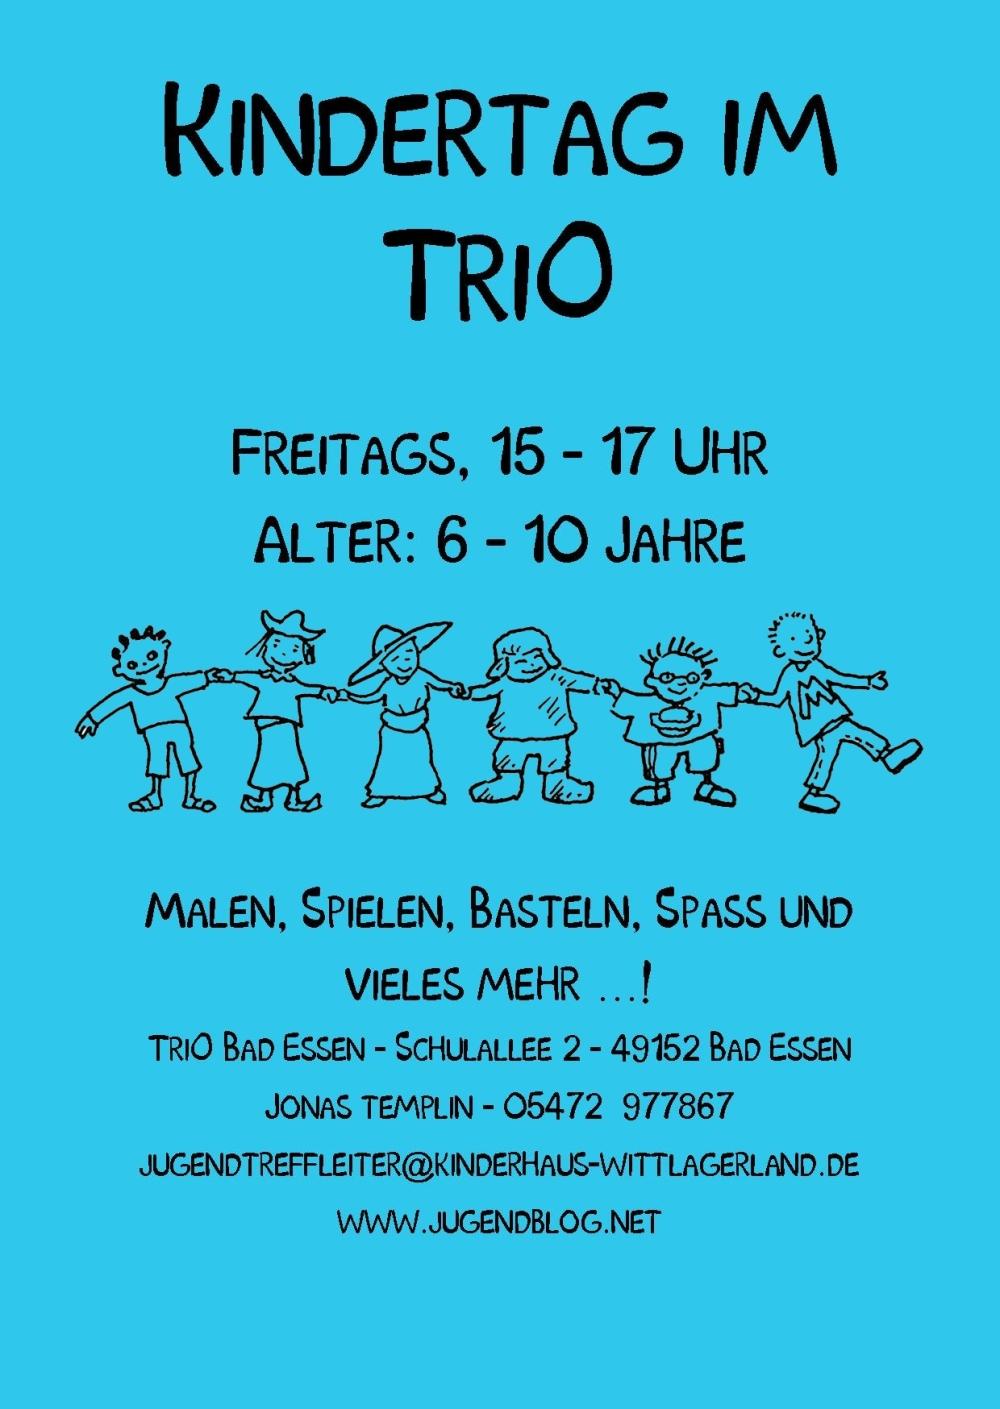 Kindertag TriO Front Web